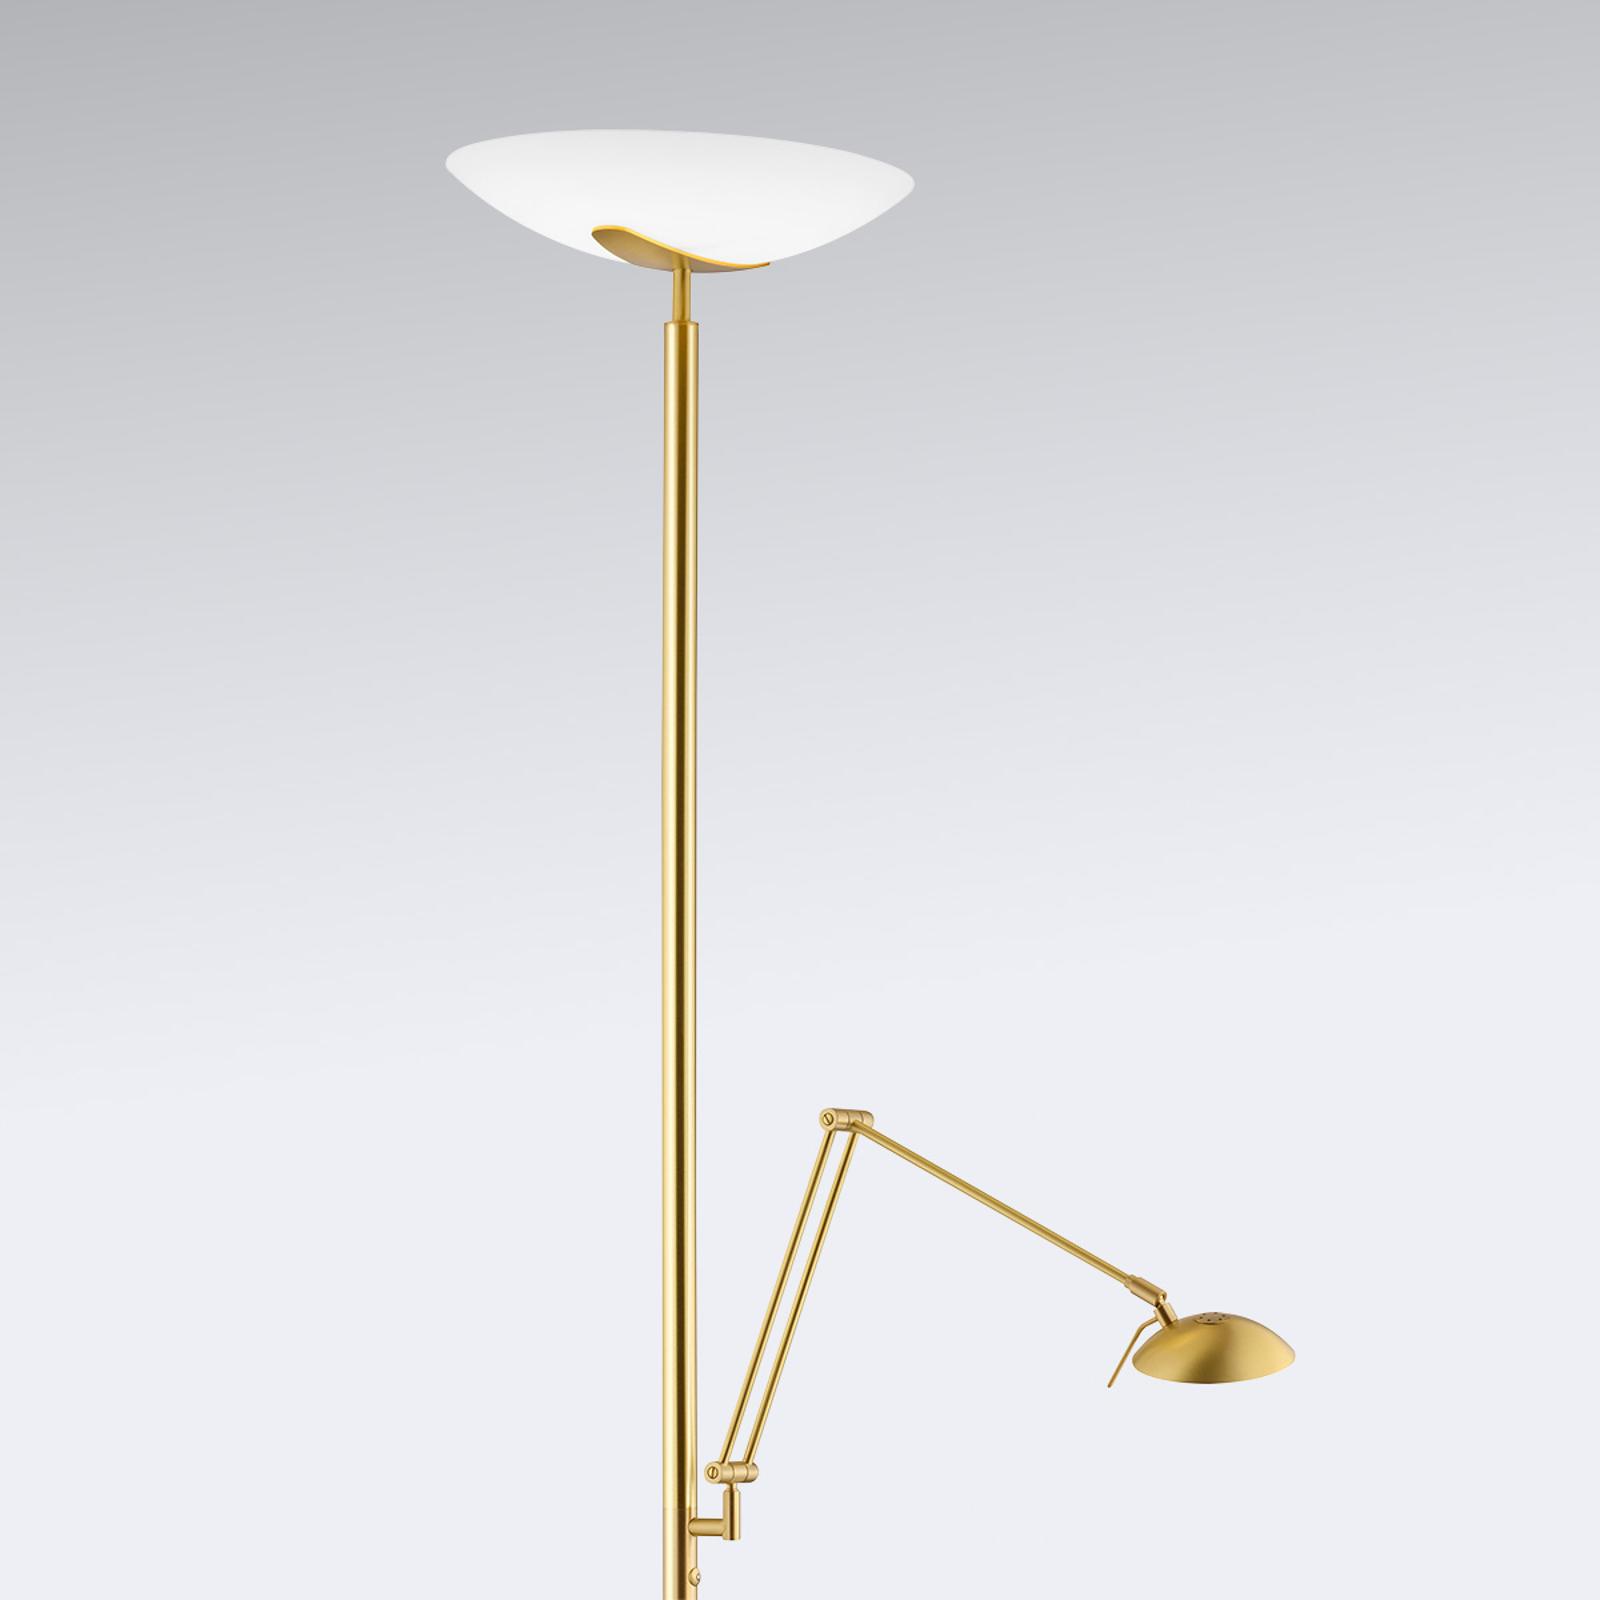 Stojací LED lampa Lya čtecí lampa mosaz matná